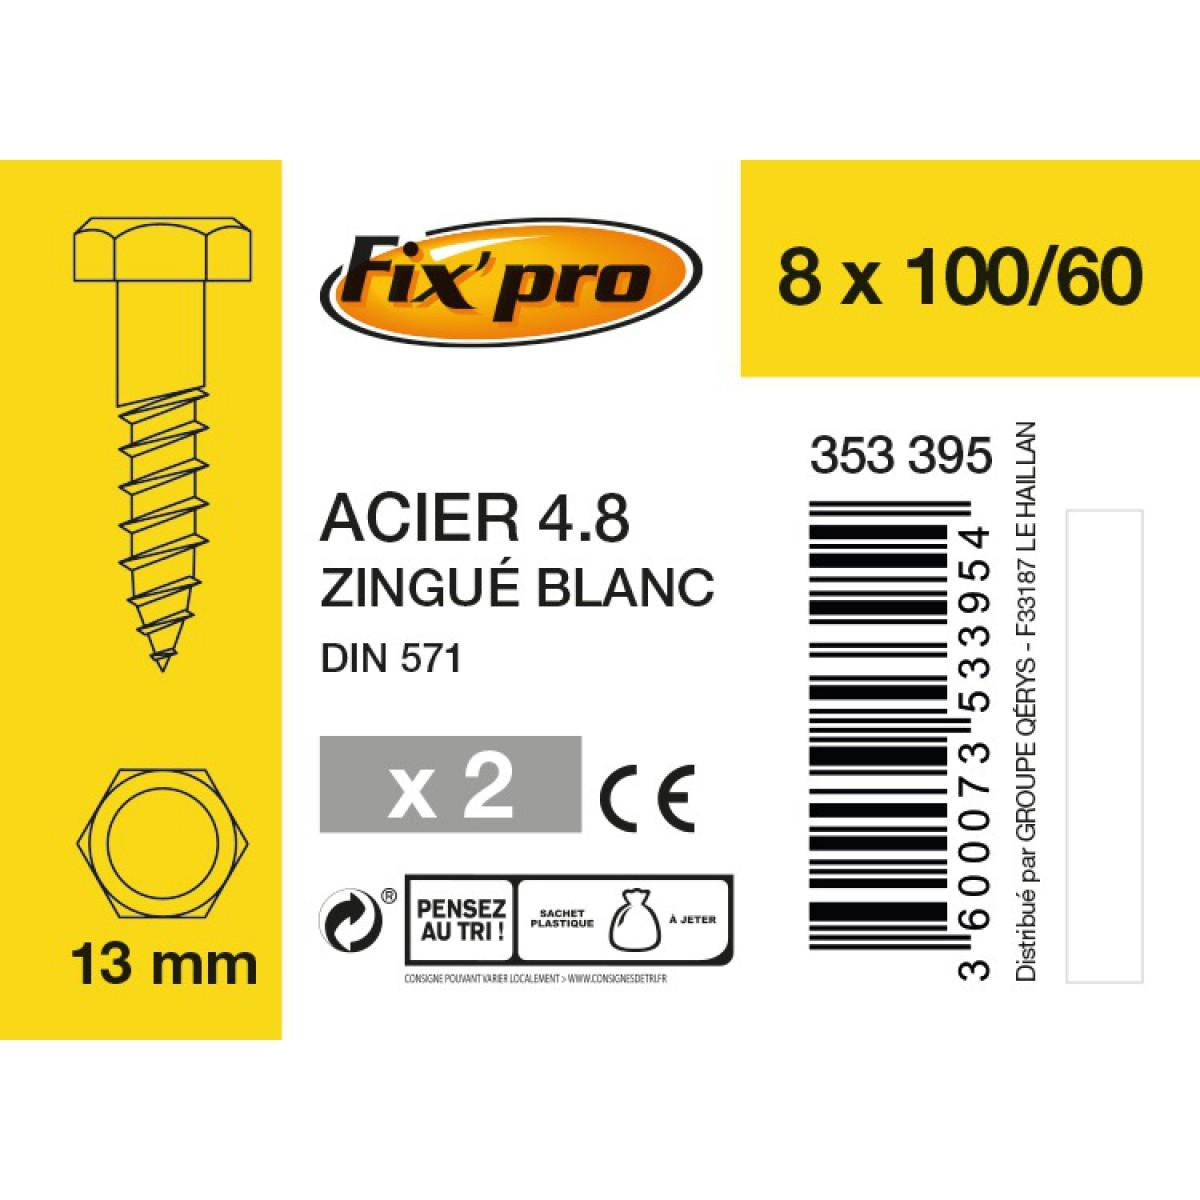 Tirefond tête hexagonale acier zingué - 8x100/60 - 2pces - Fixpro